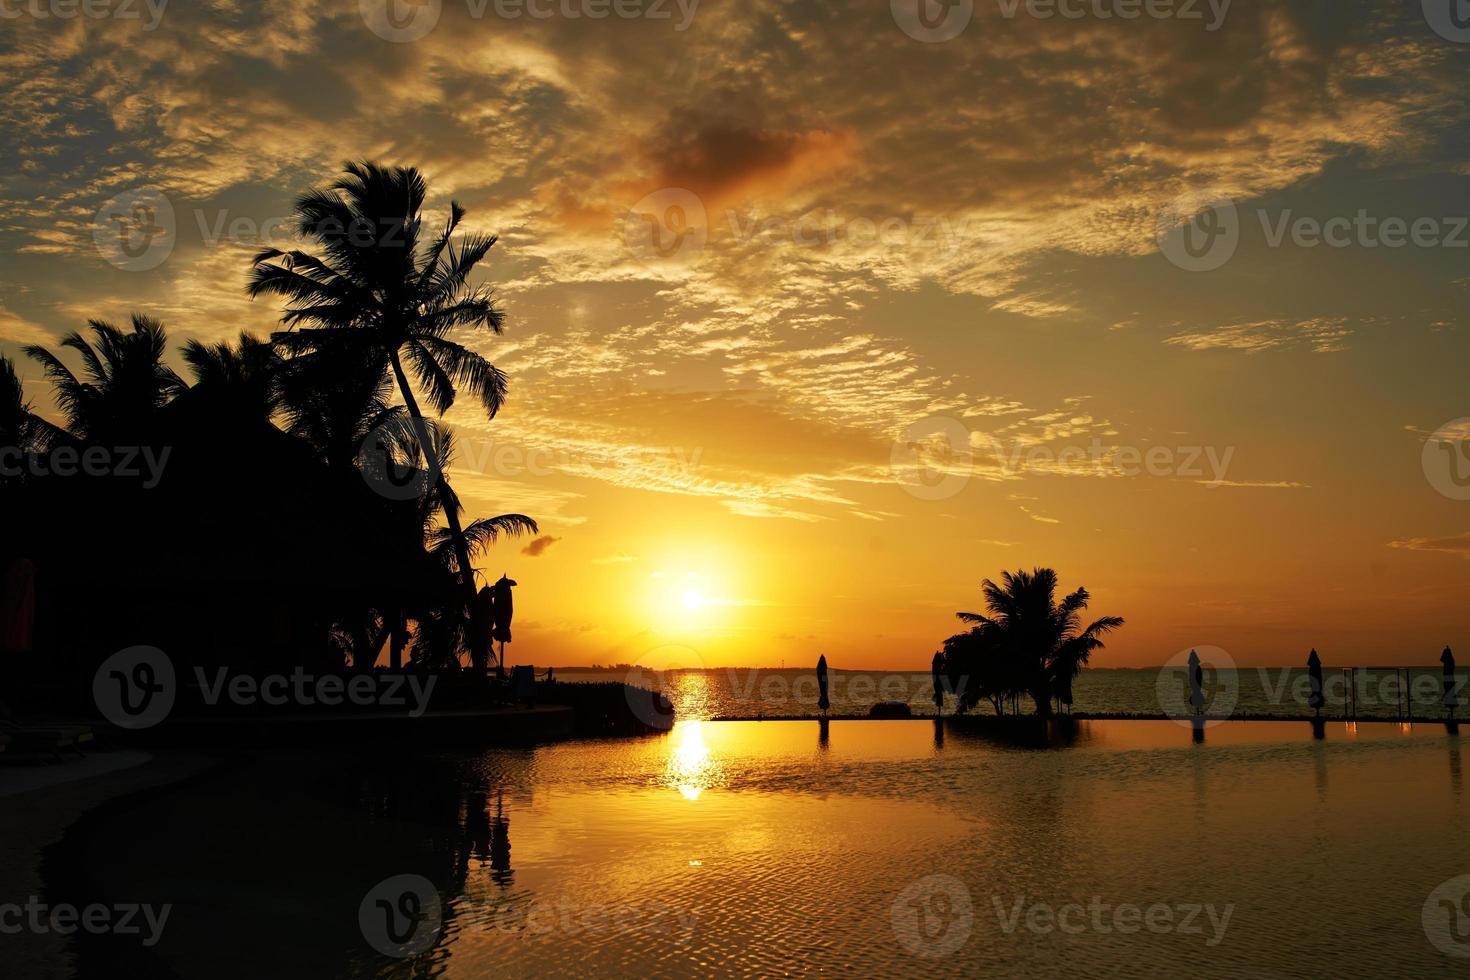 Sunset at Maldivian beach photo